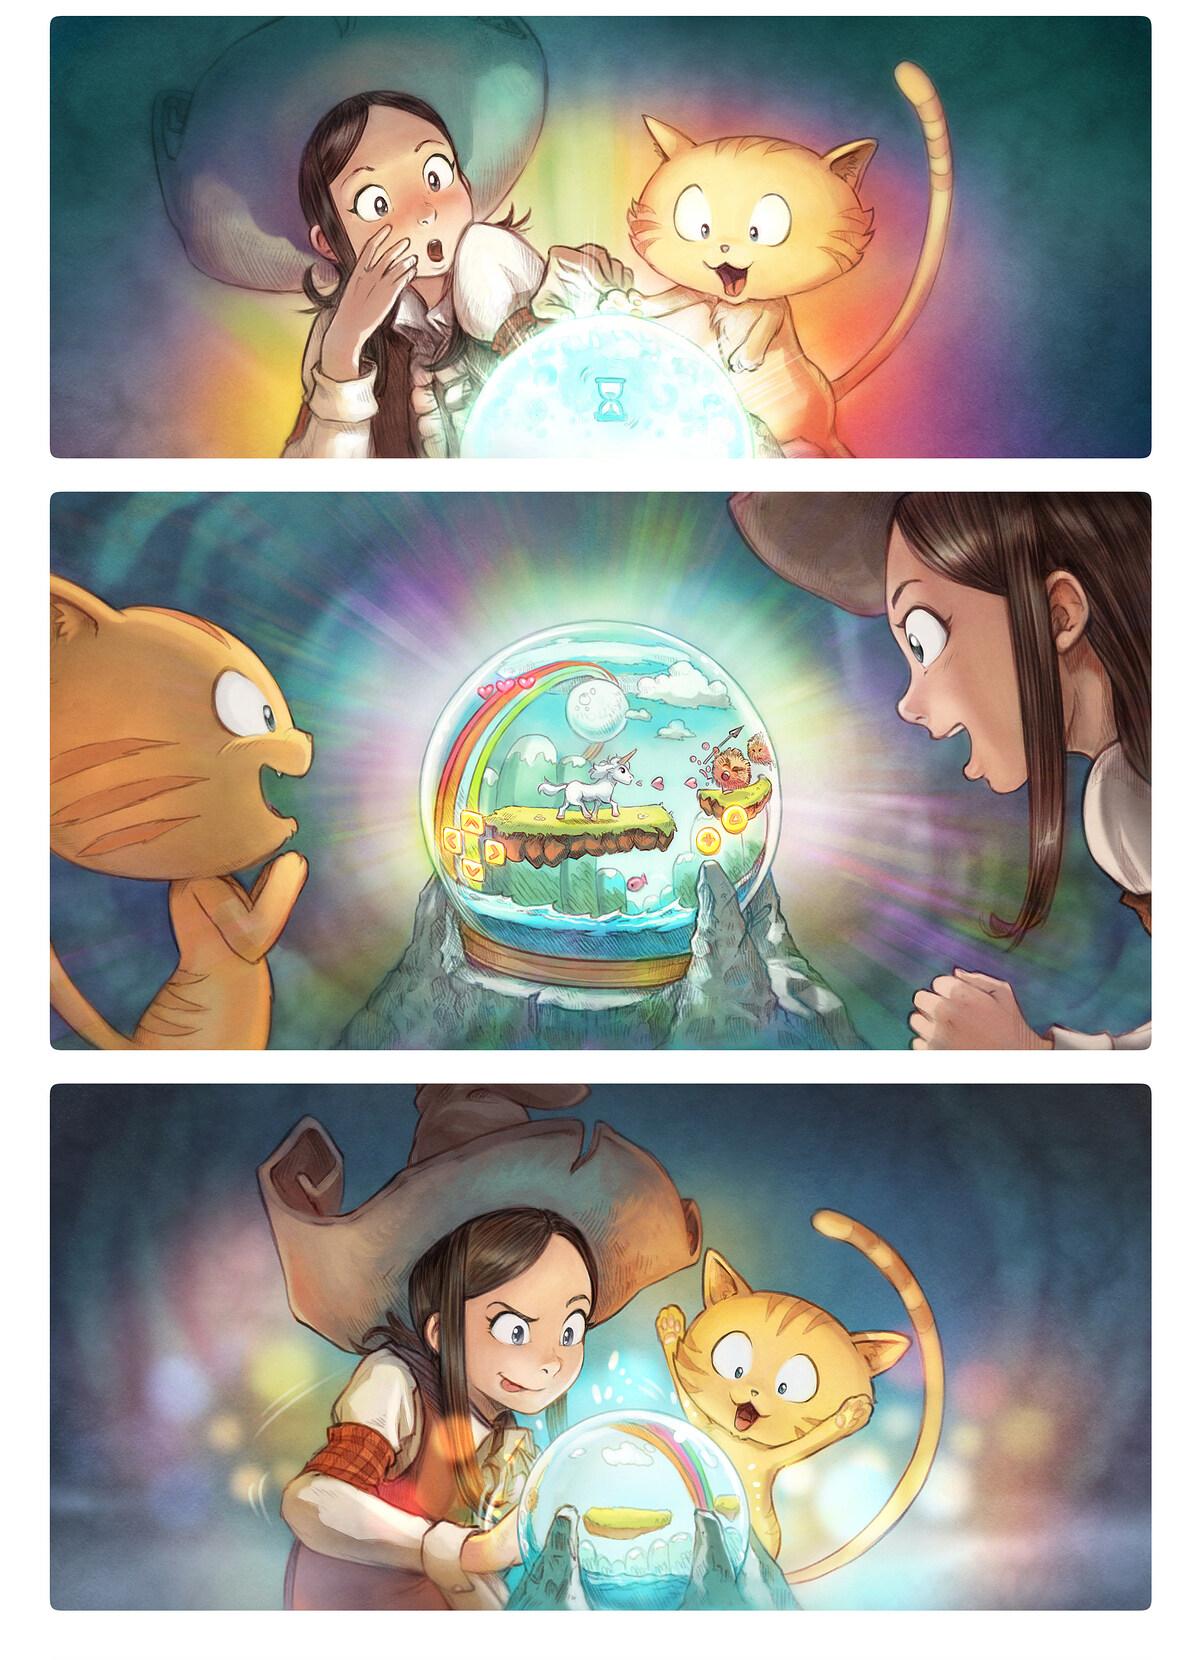 第15集:水晶球, Page 4